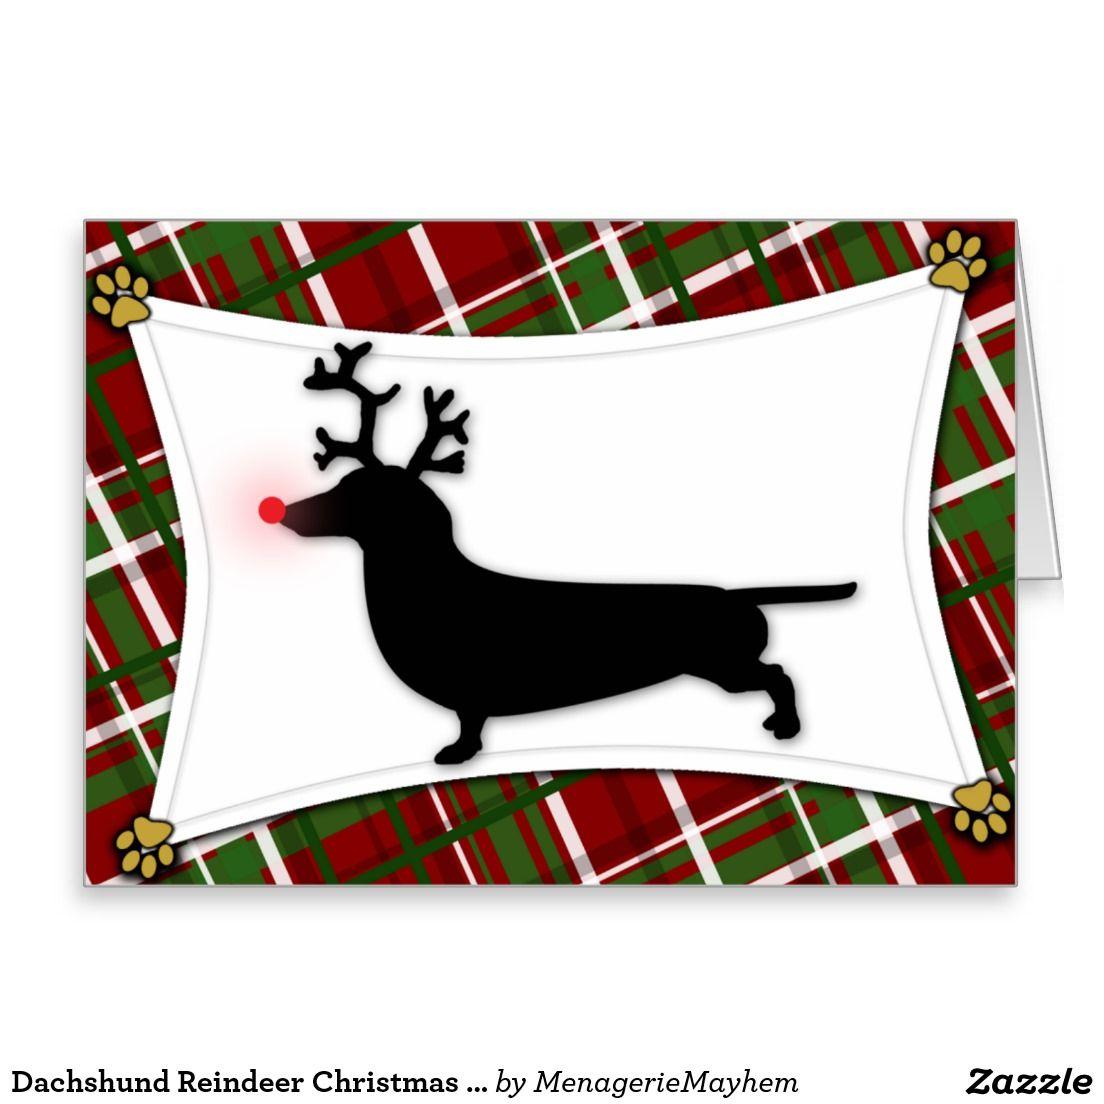 Dachshund reindeer christmas card christmas 2015 pinterest dachshund reindeer christmas card kristyandbryce Image collections